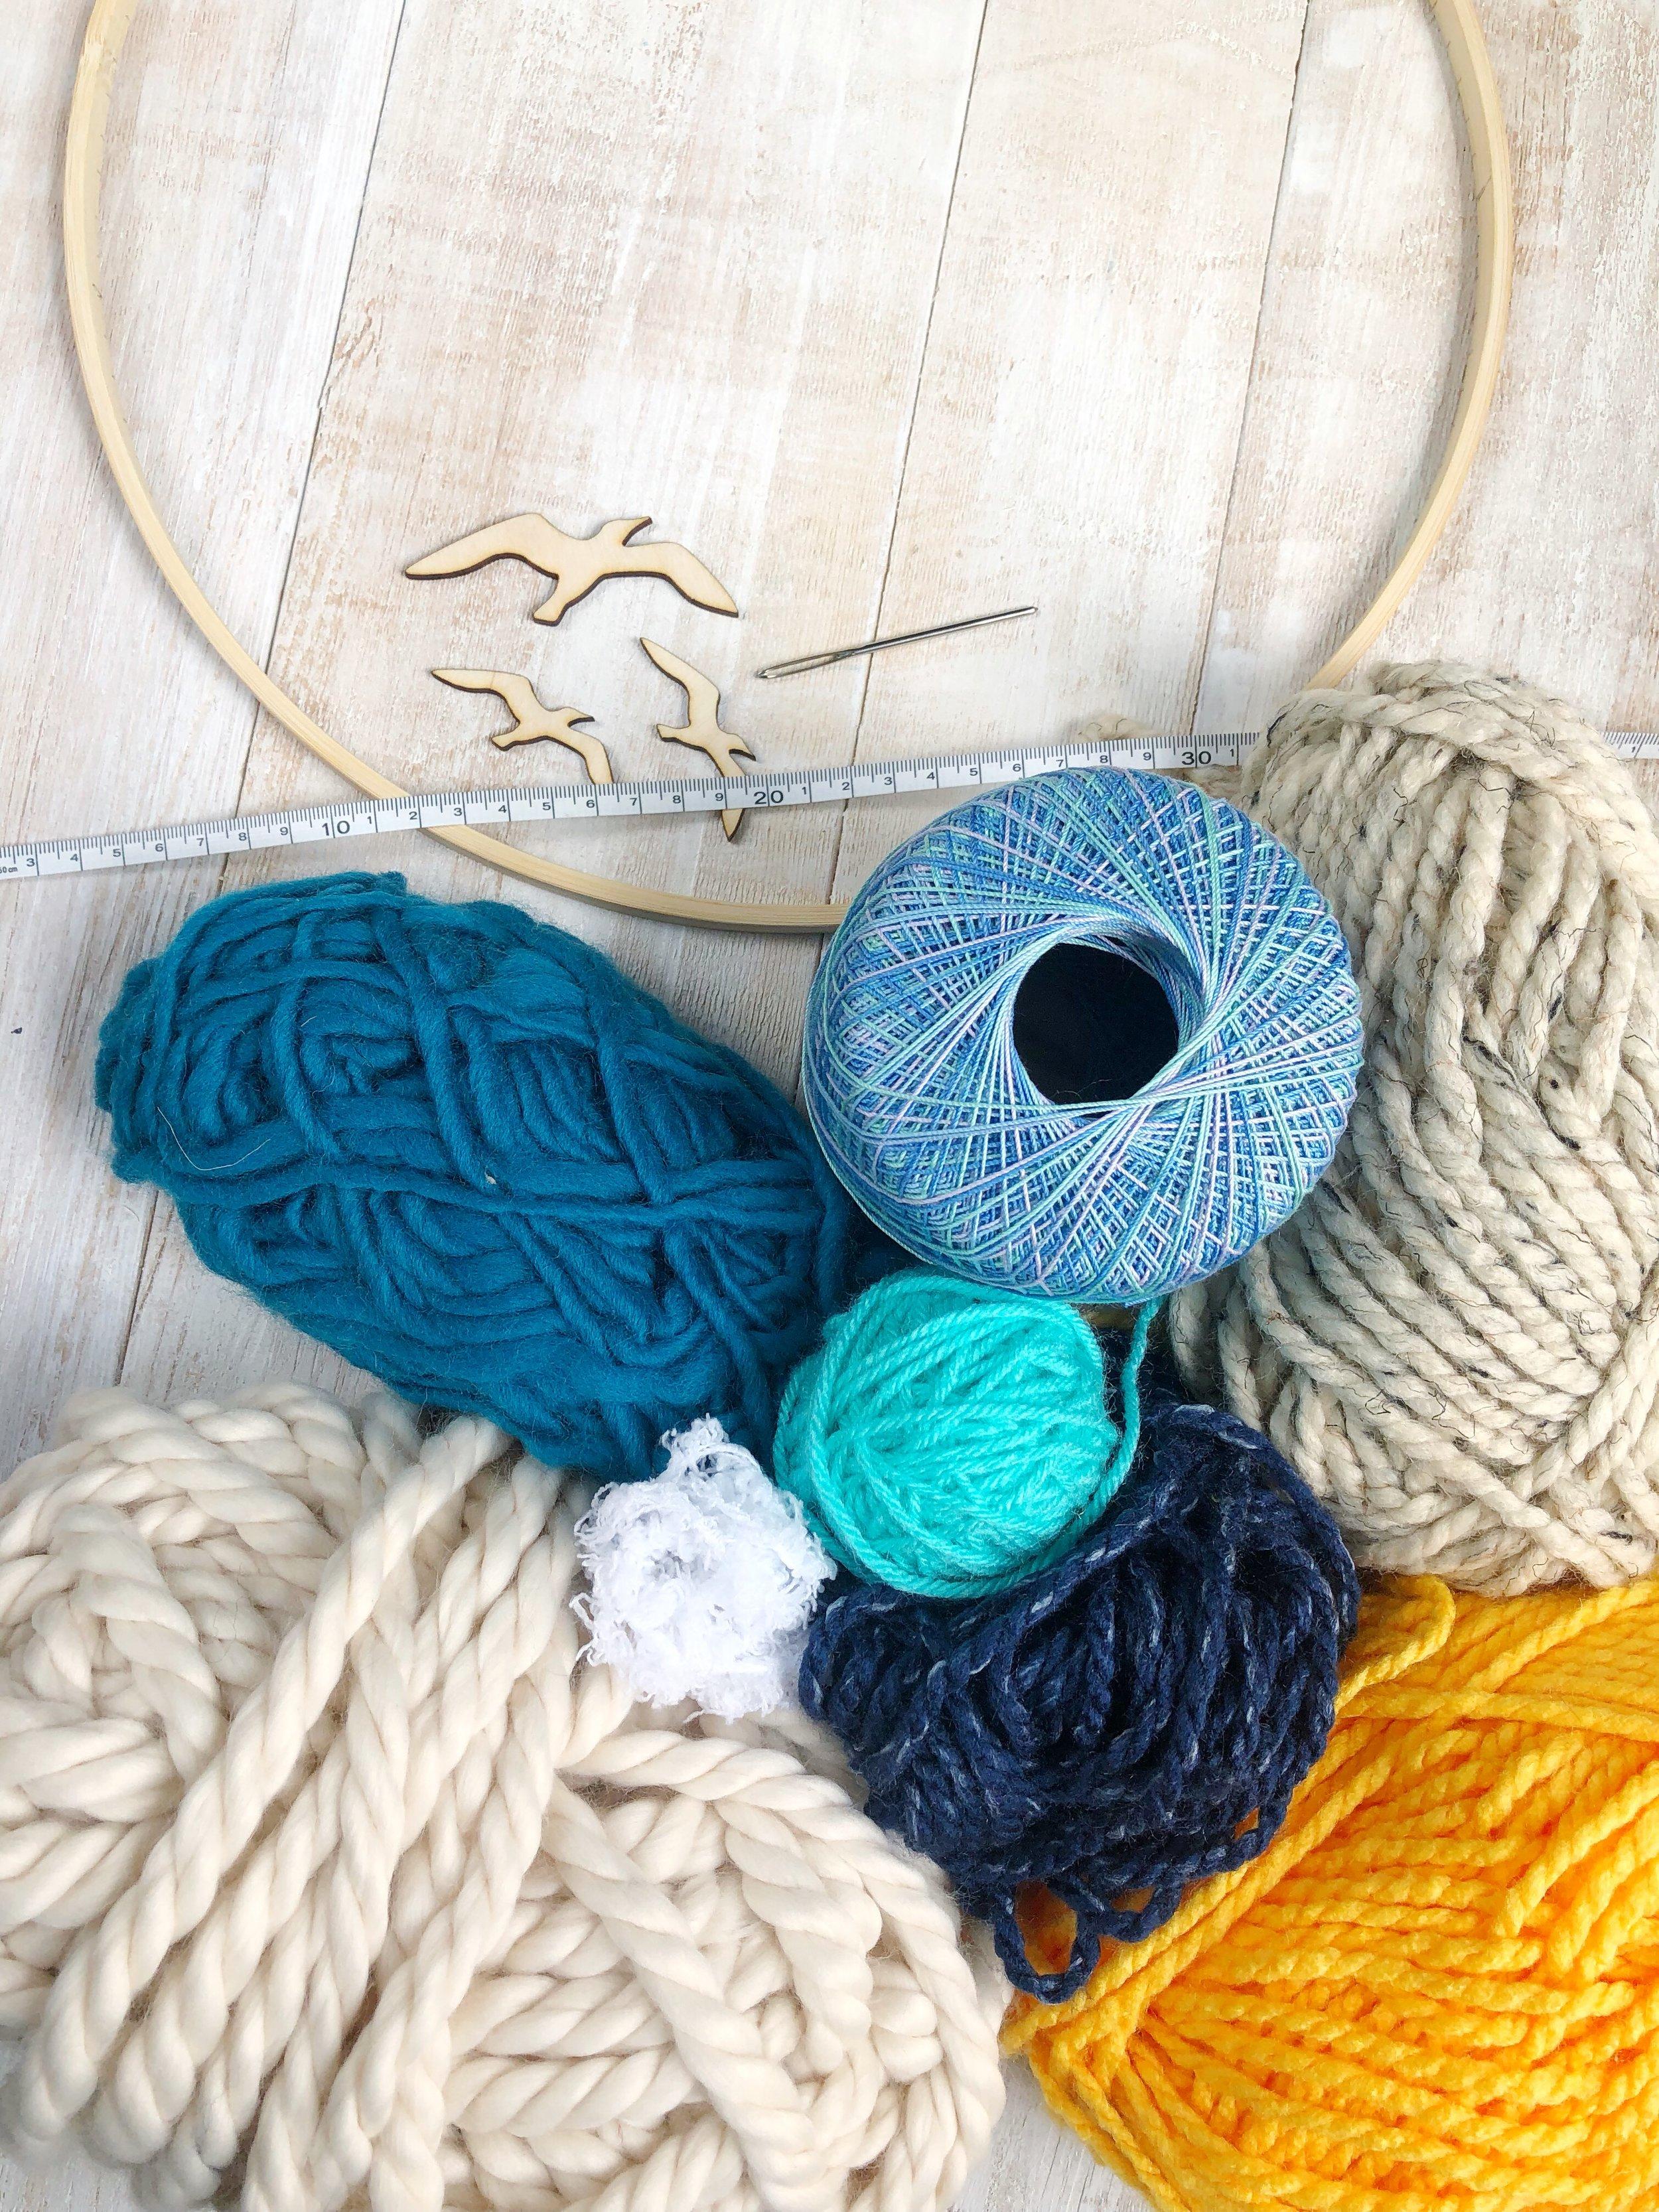 Summer Beach Loom Wreath DIY #summer #summerdiy #summerbeachhouse #beachhouse #embrioderyhoop #embrioderyhoopwreath #yarn #weaving #howtoweave #diycrafts #wreathdiy #summerwreath #summercrafts #Seagulls #etsy #beach #hgtv #water #ocean